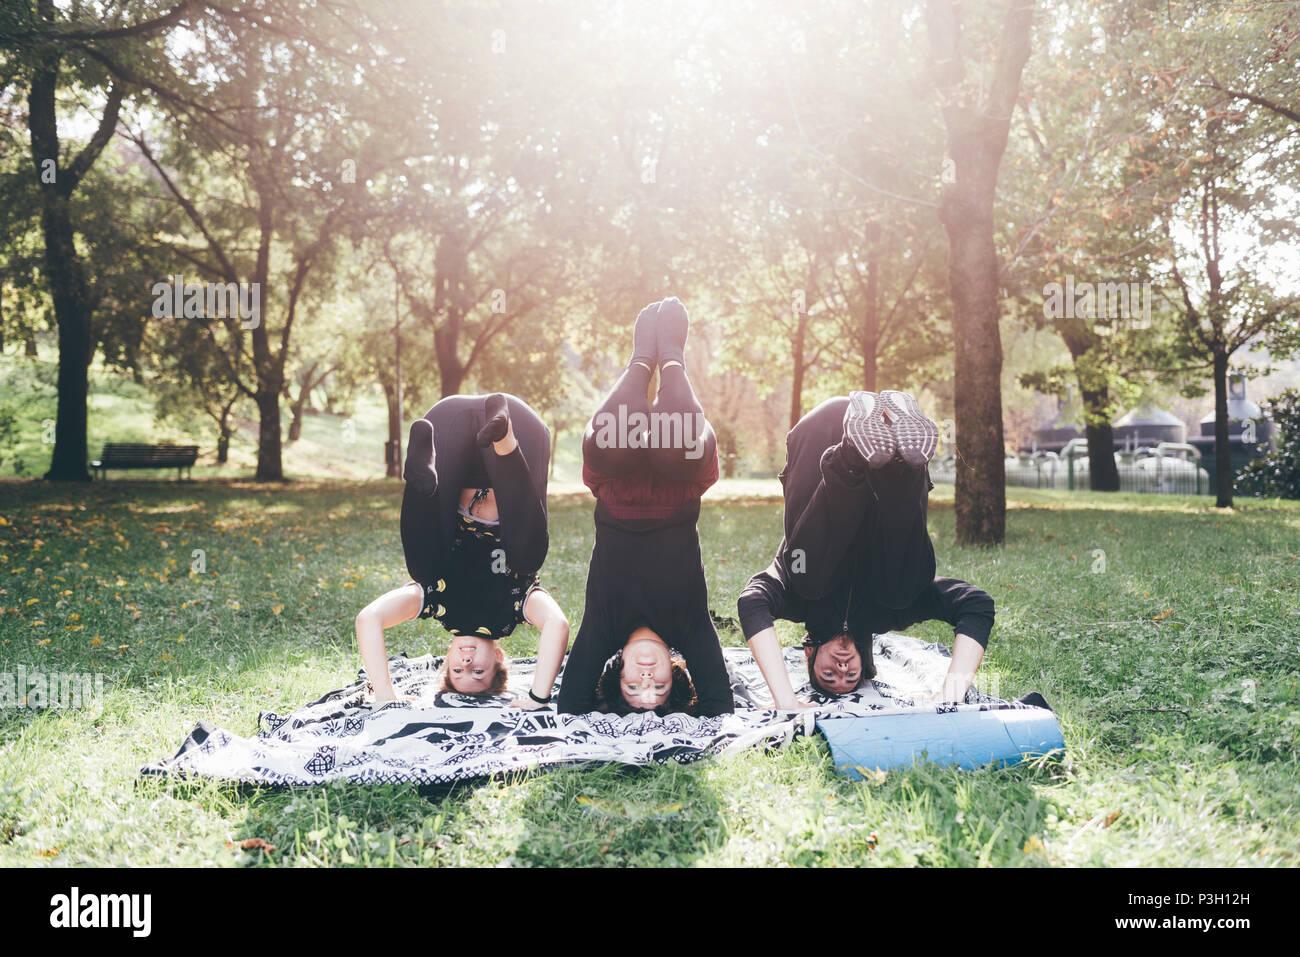 Los jóvenes hombres y mujeres de estiramiento en un parque de la ciudad al aire libre en días soleados, deportivo, formación, concepto wellness Imagen De Stock